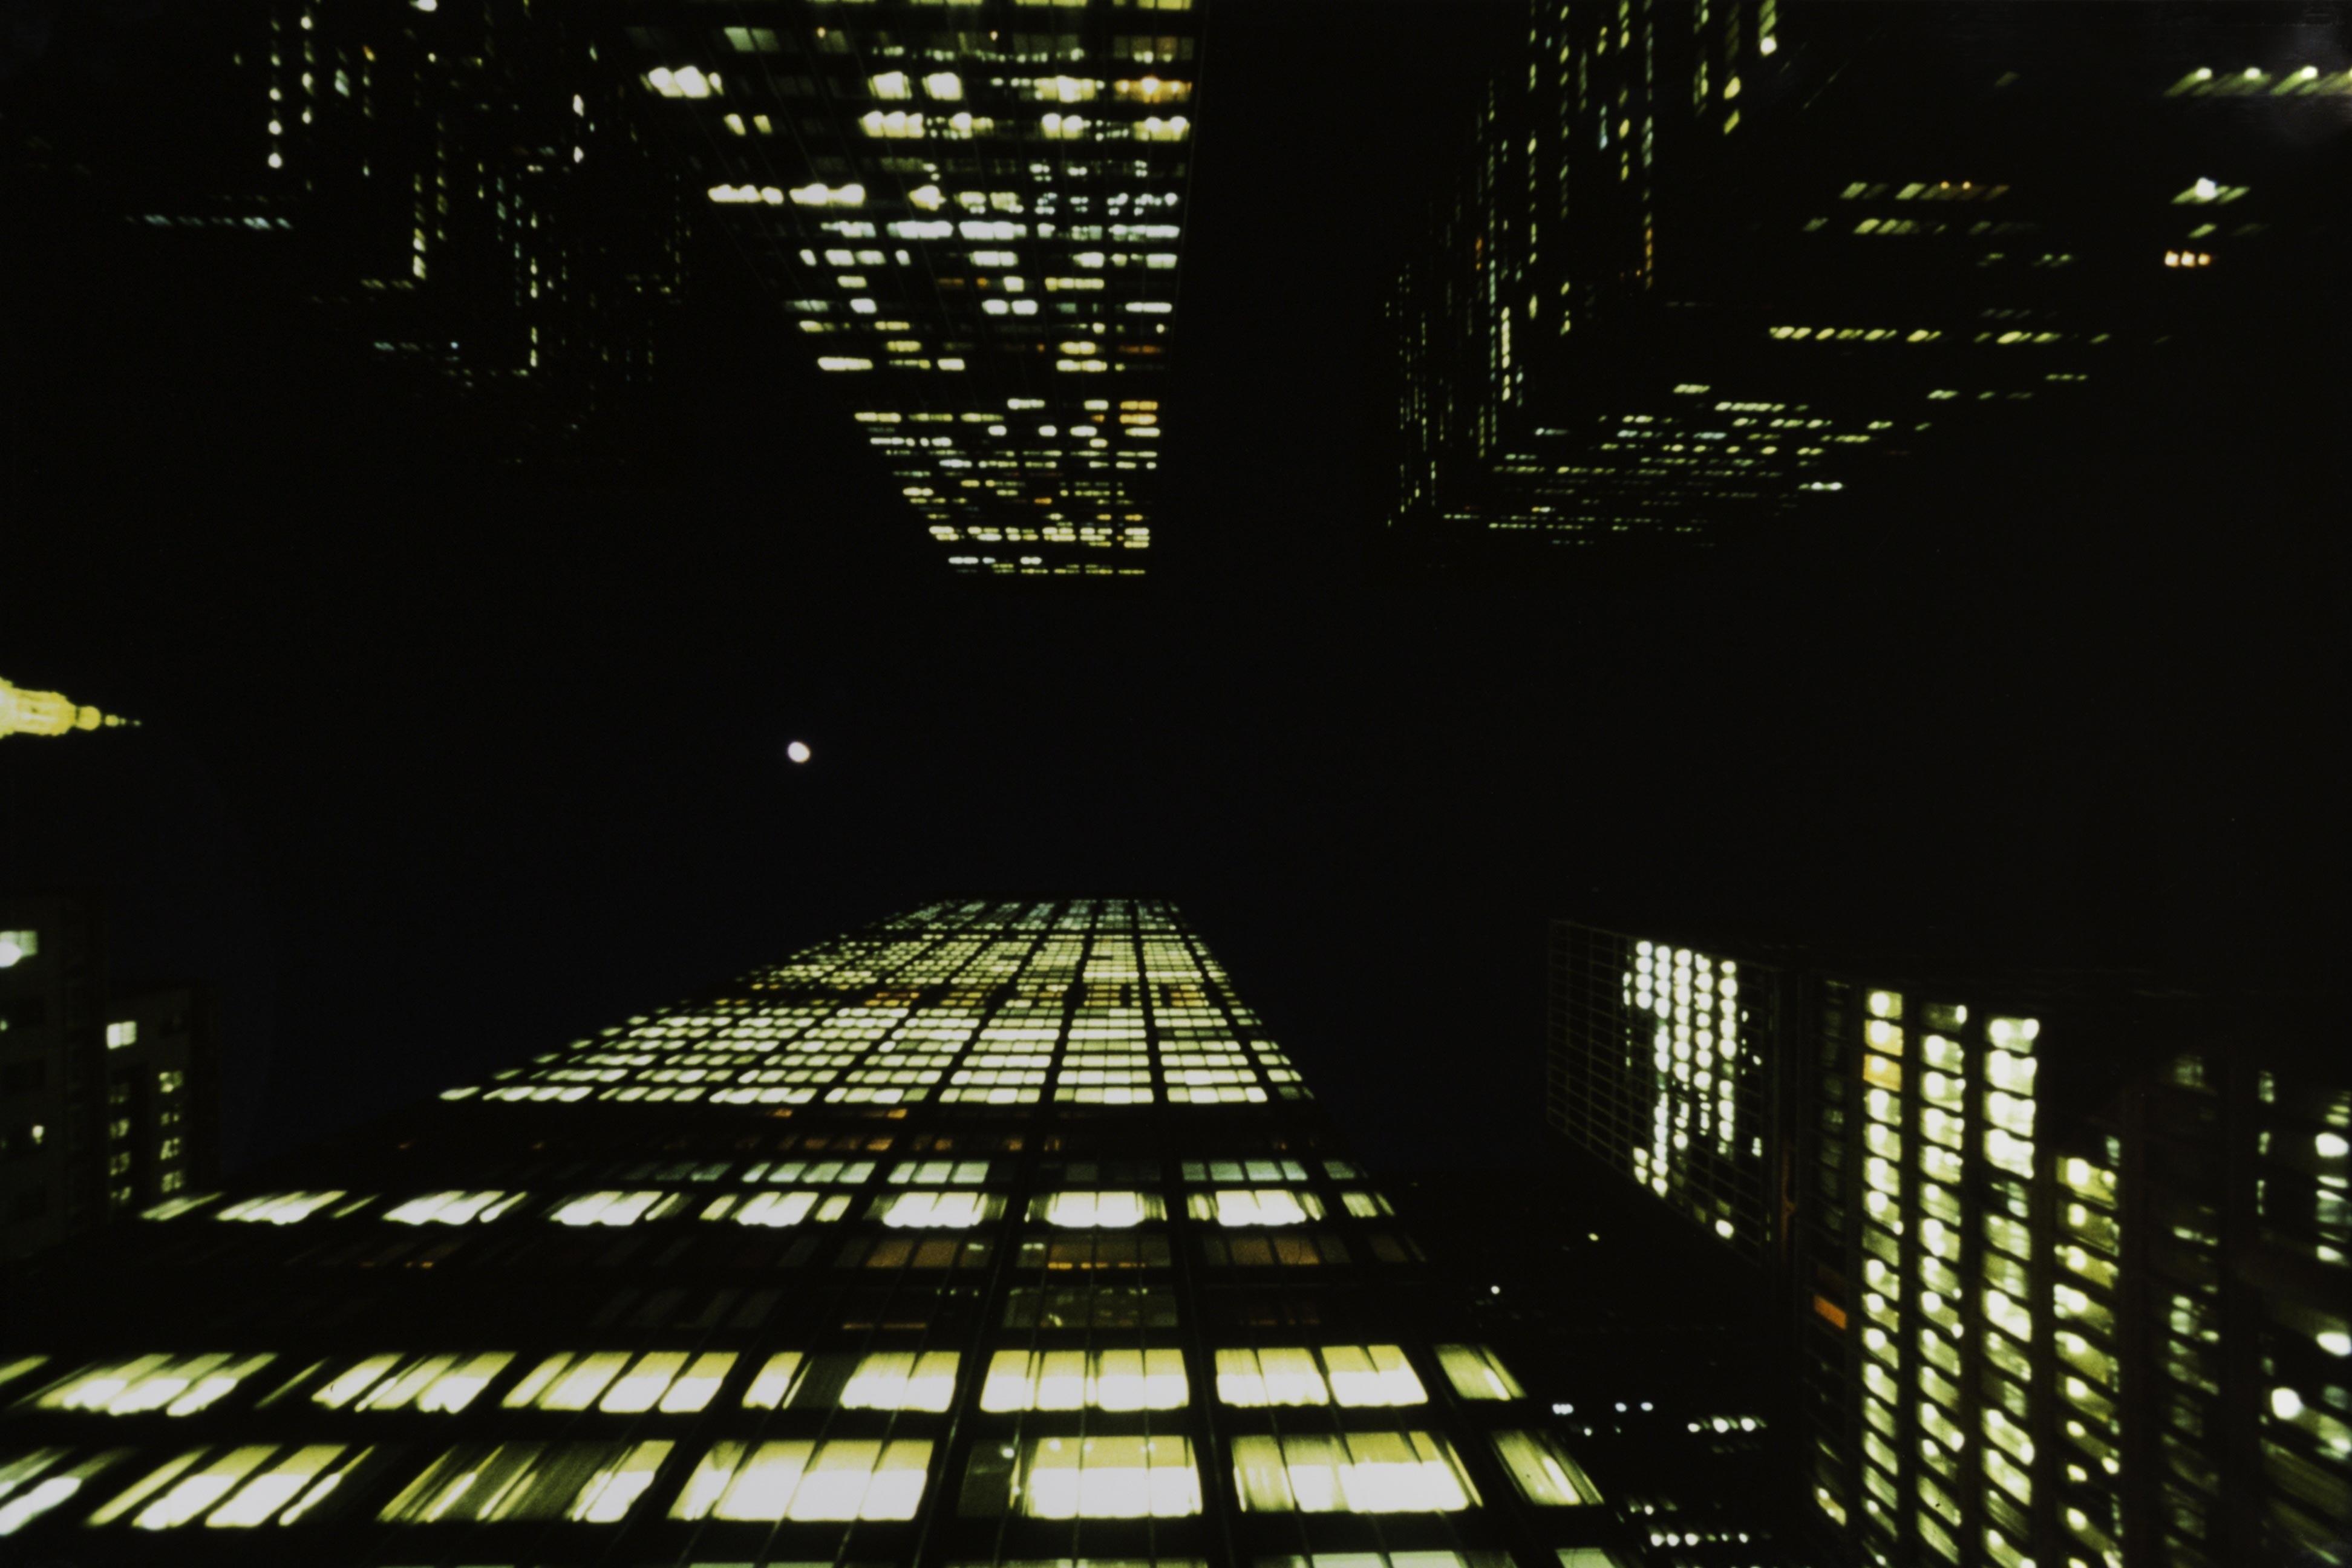 Нью-Йорк, 1983. Фотограф Франко Фонтана